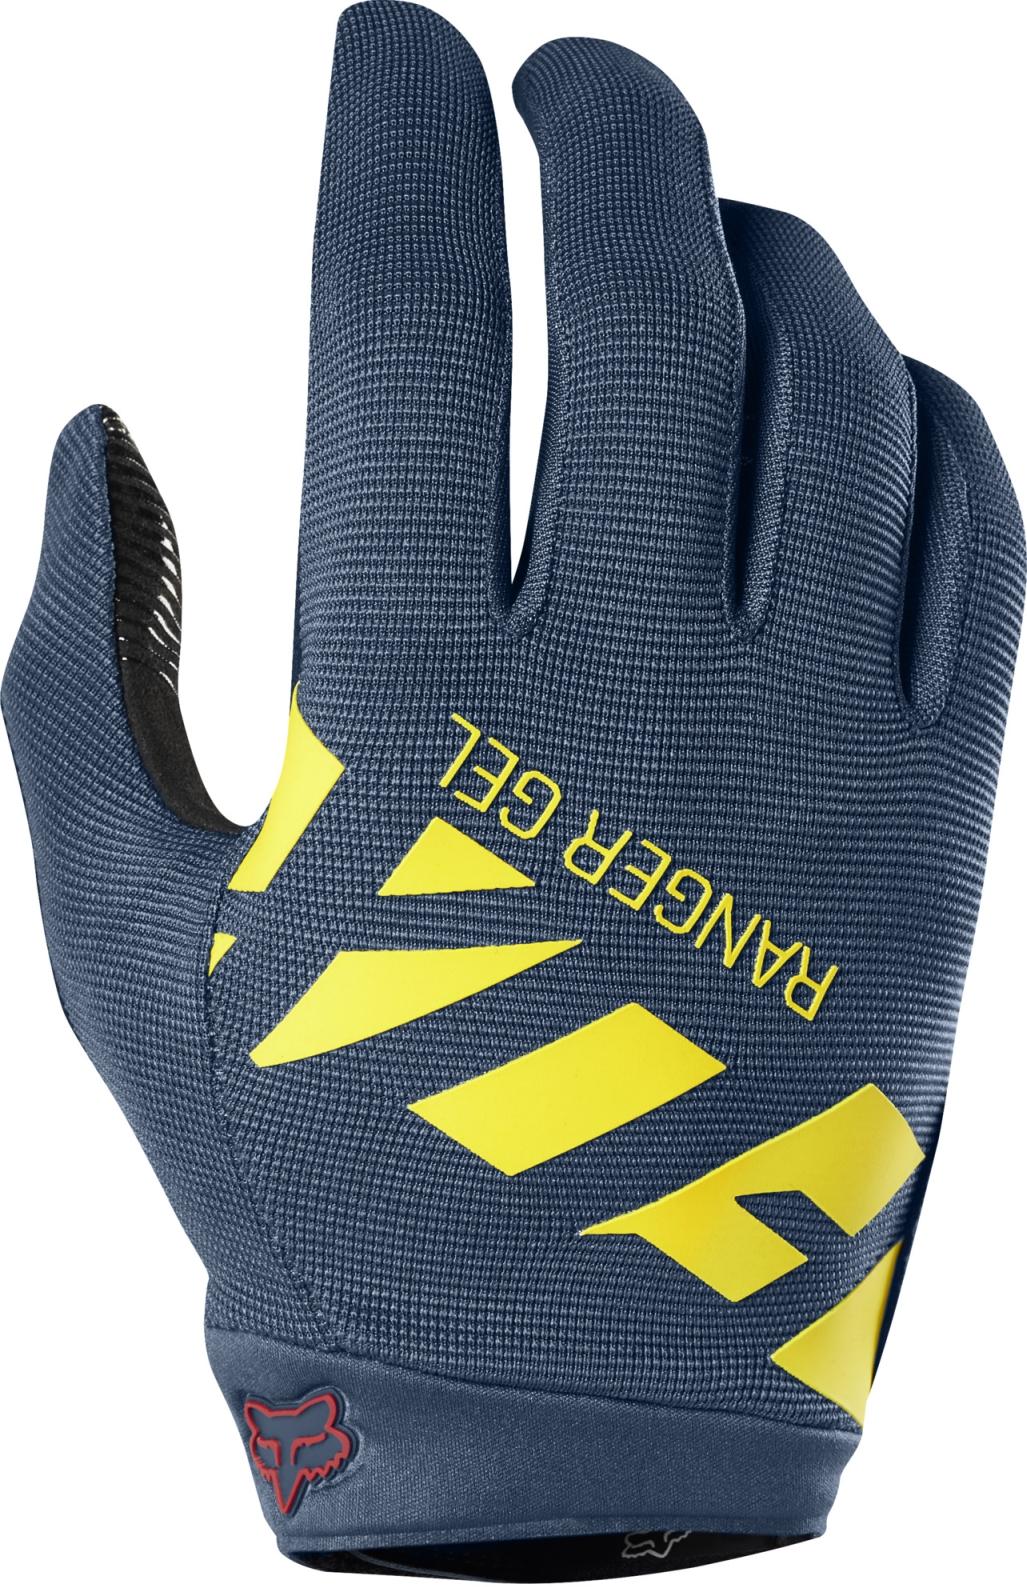 Fox Ranger Gel Glove - midnight XL